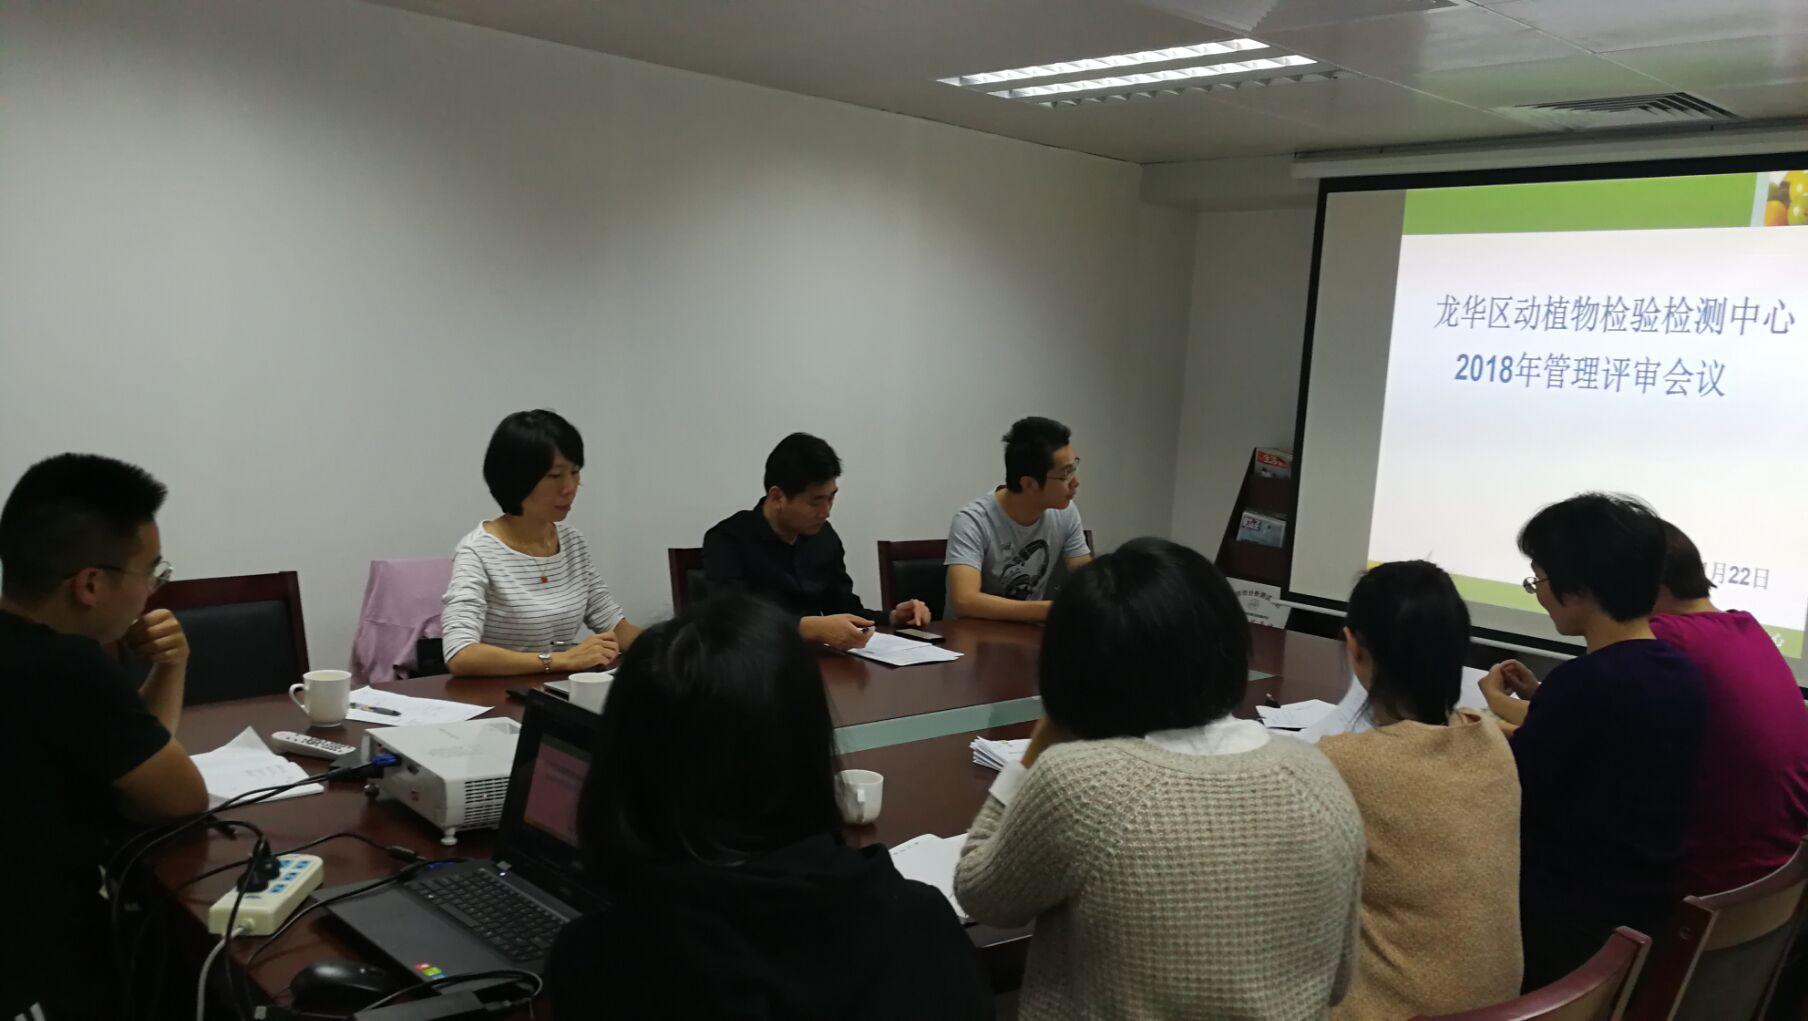 深圳龙华动植物中心CMA&CATL实验室2018管审服务